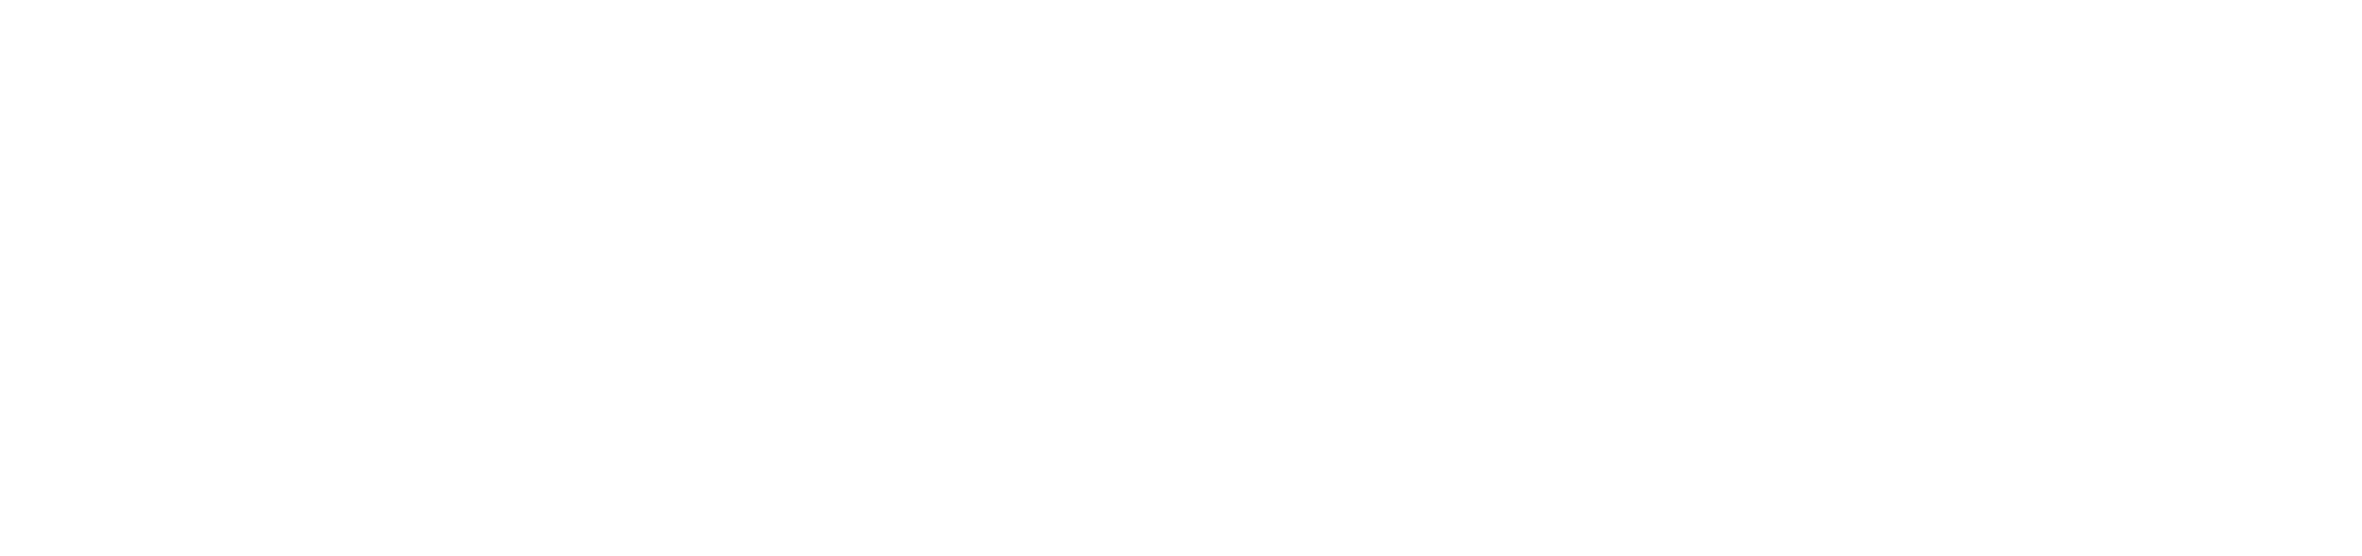 Logo-EM-2011-Ncoul-RVB